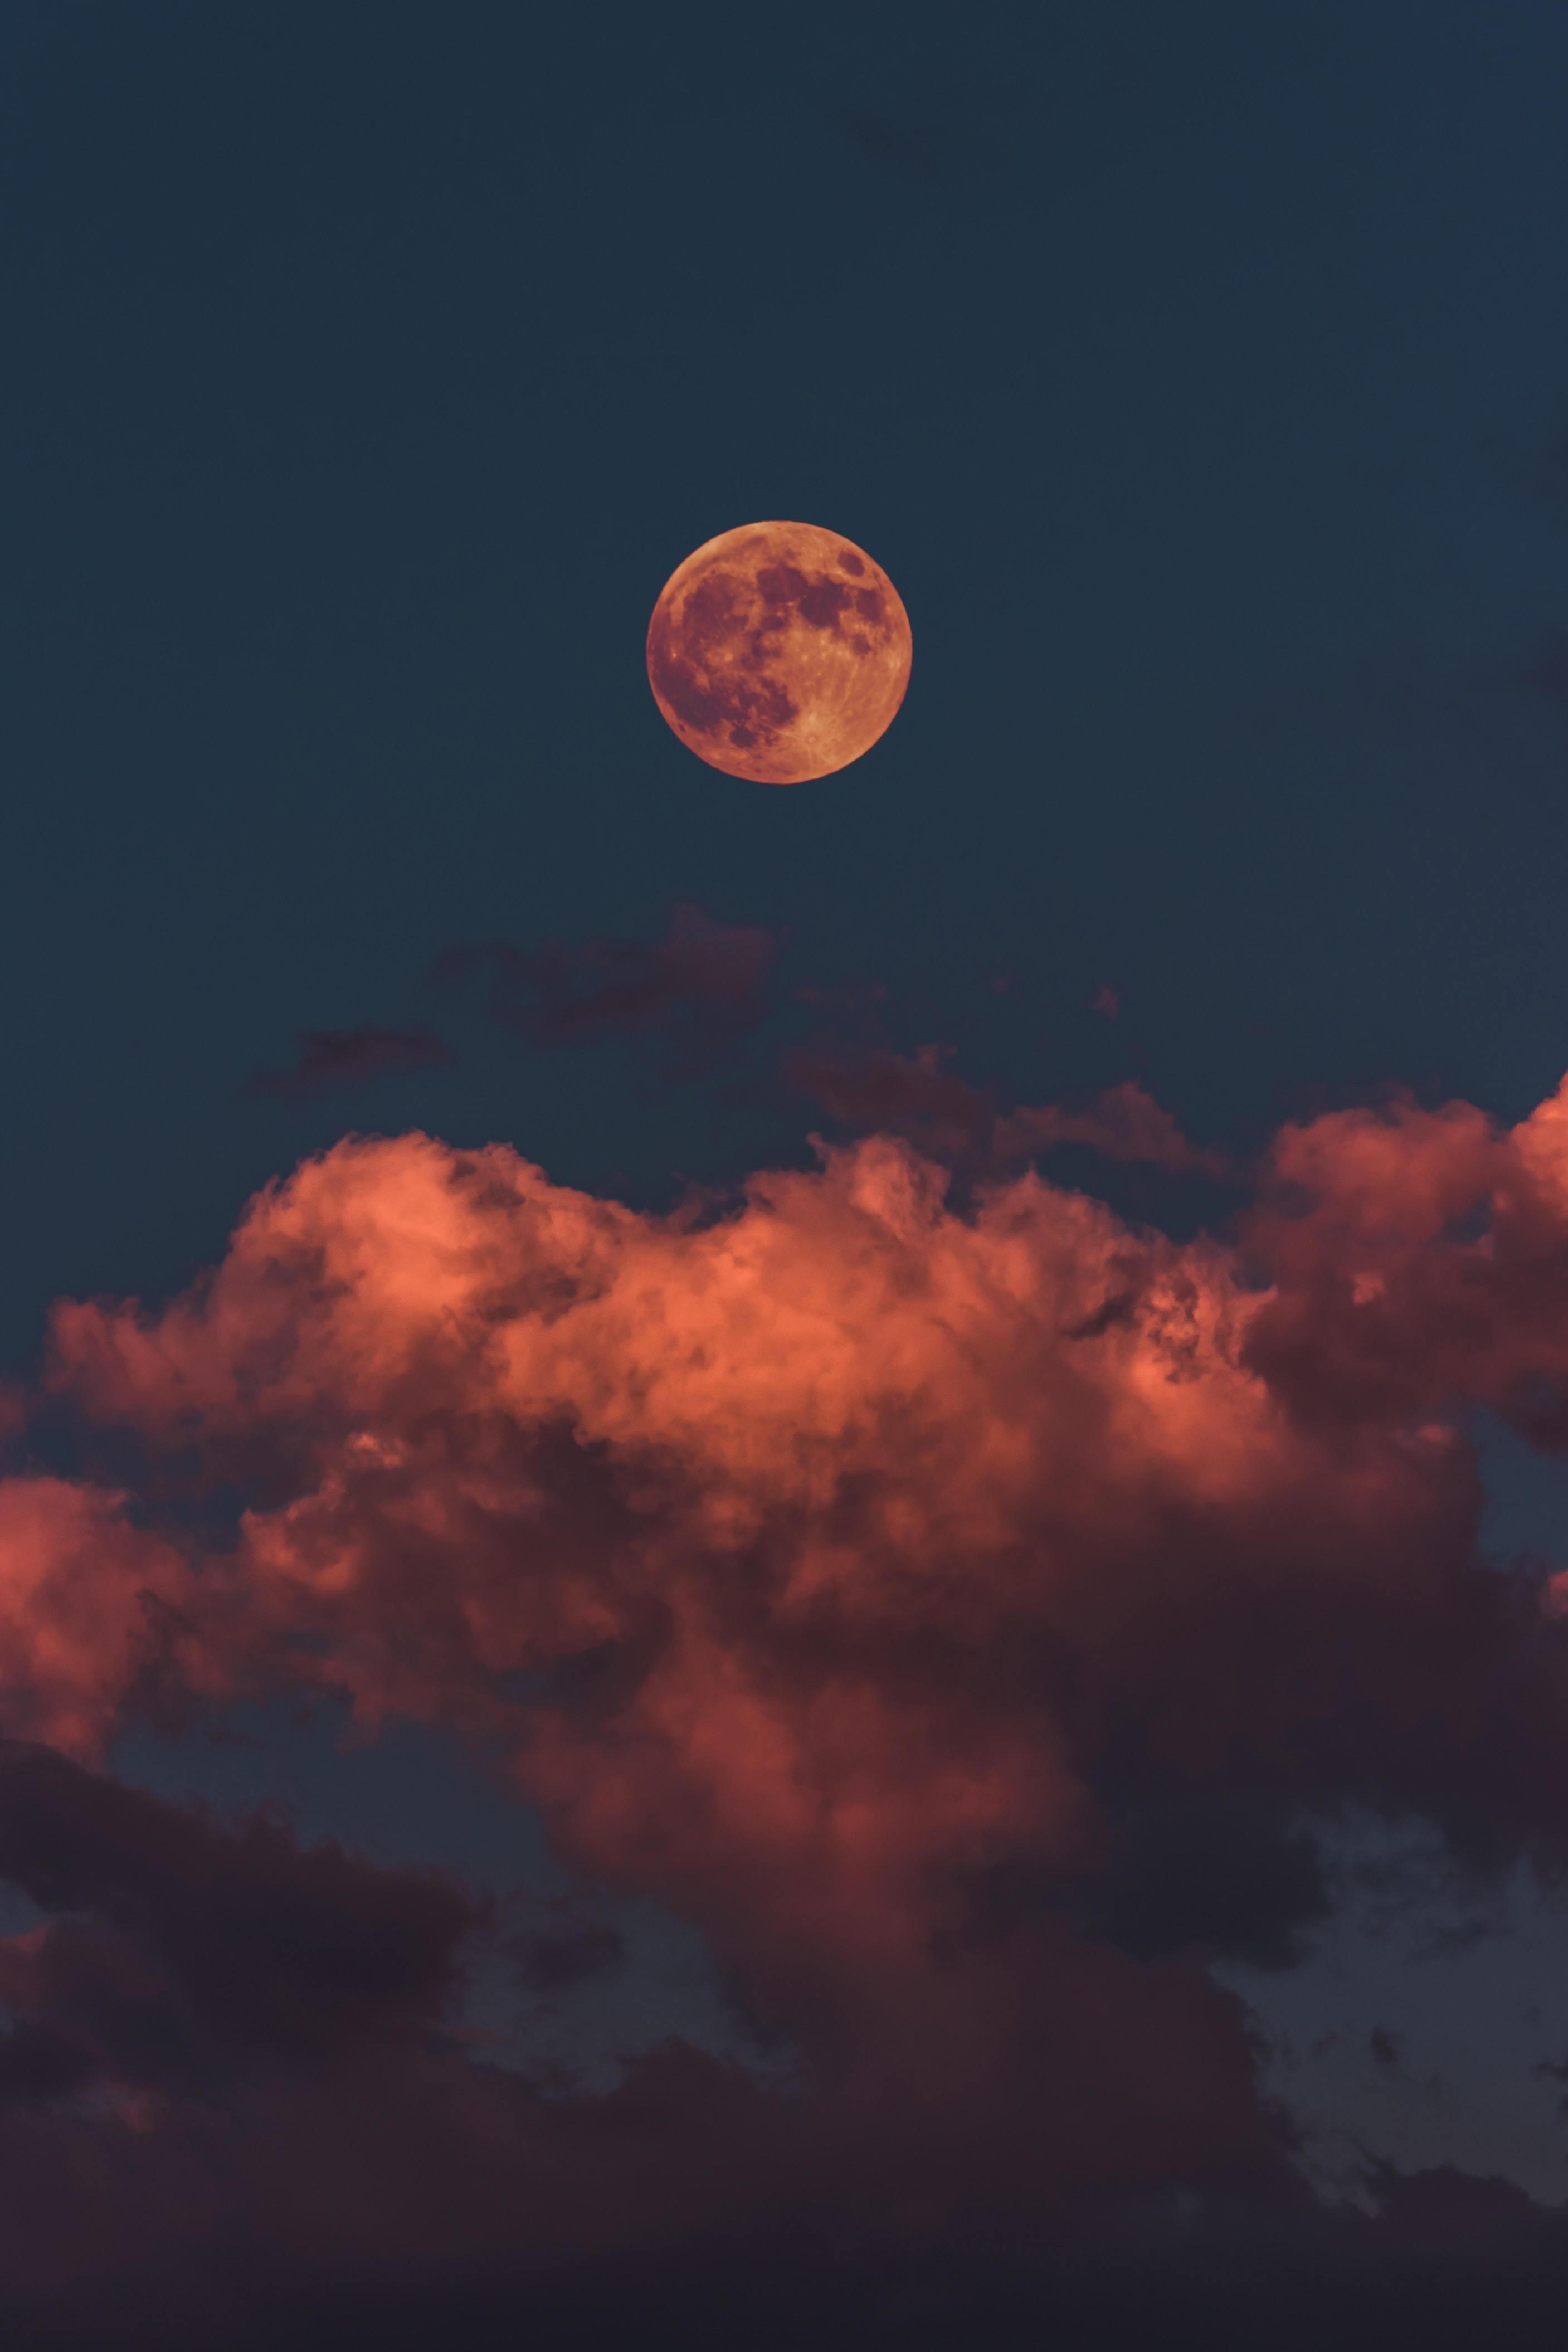 Самая мощная диета: худеем по лунным фазам